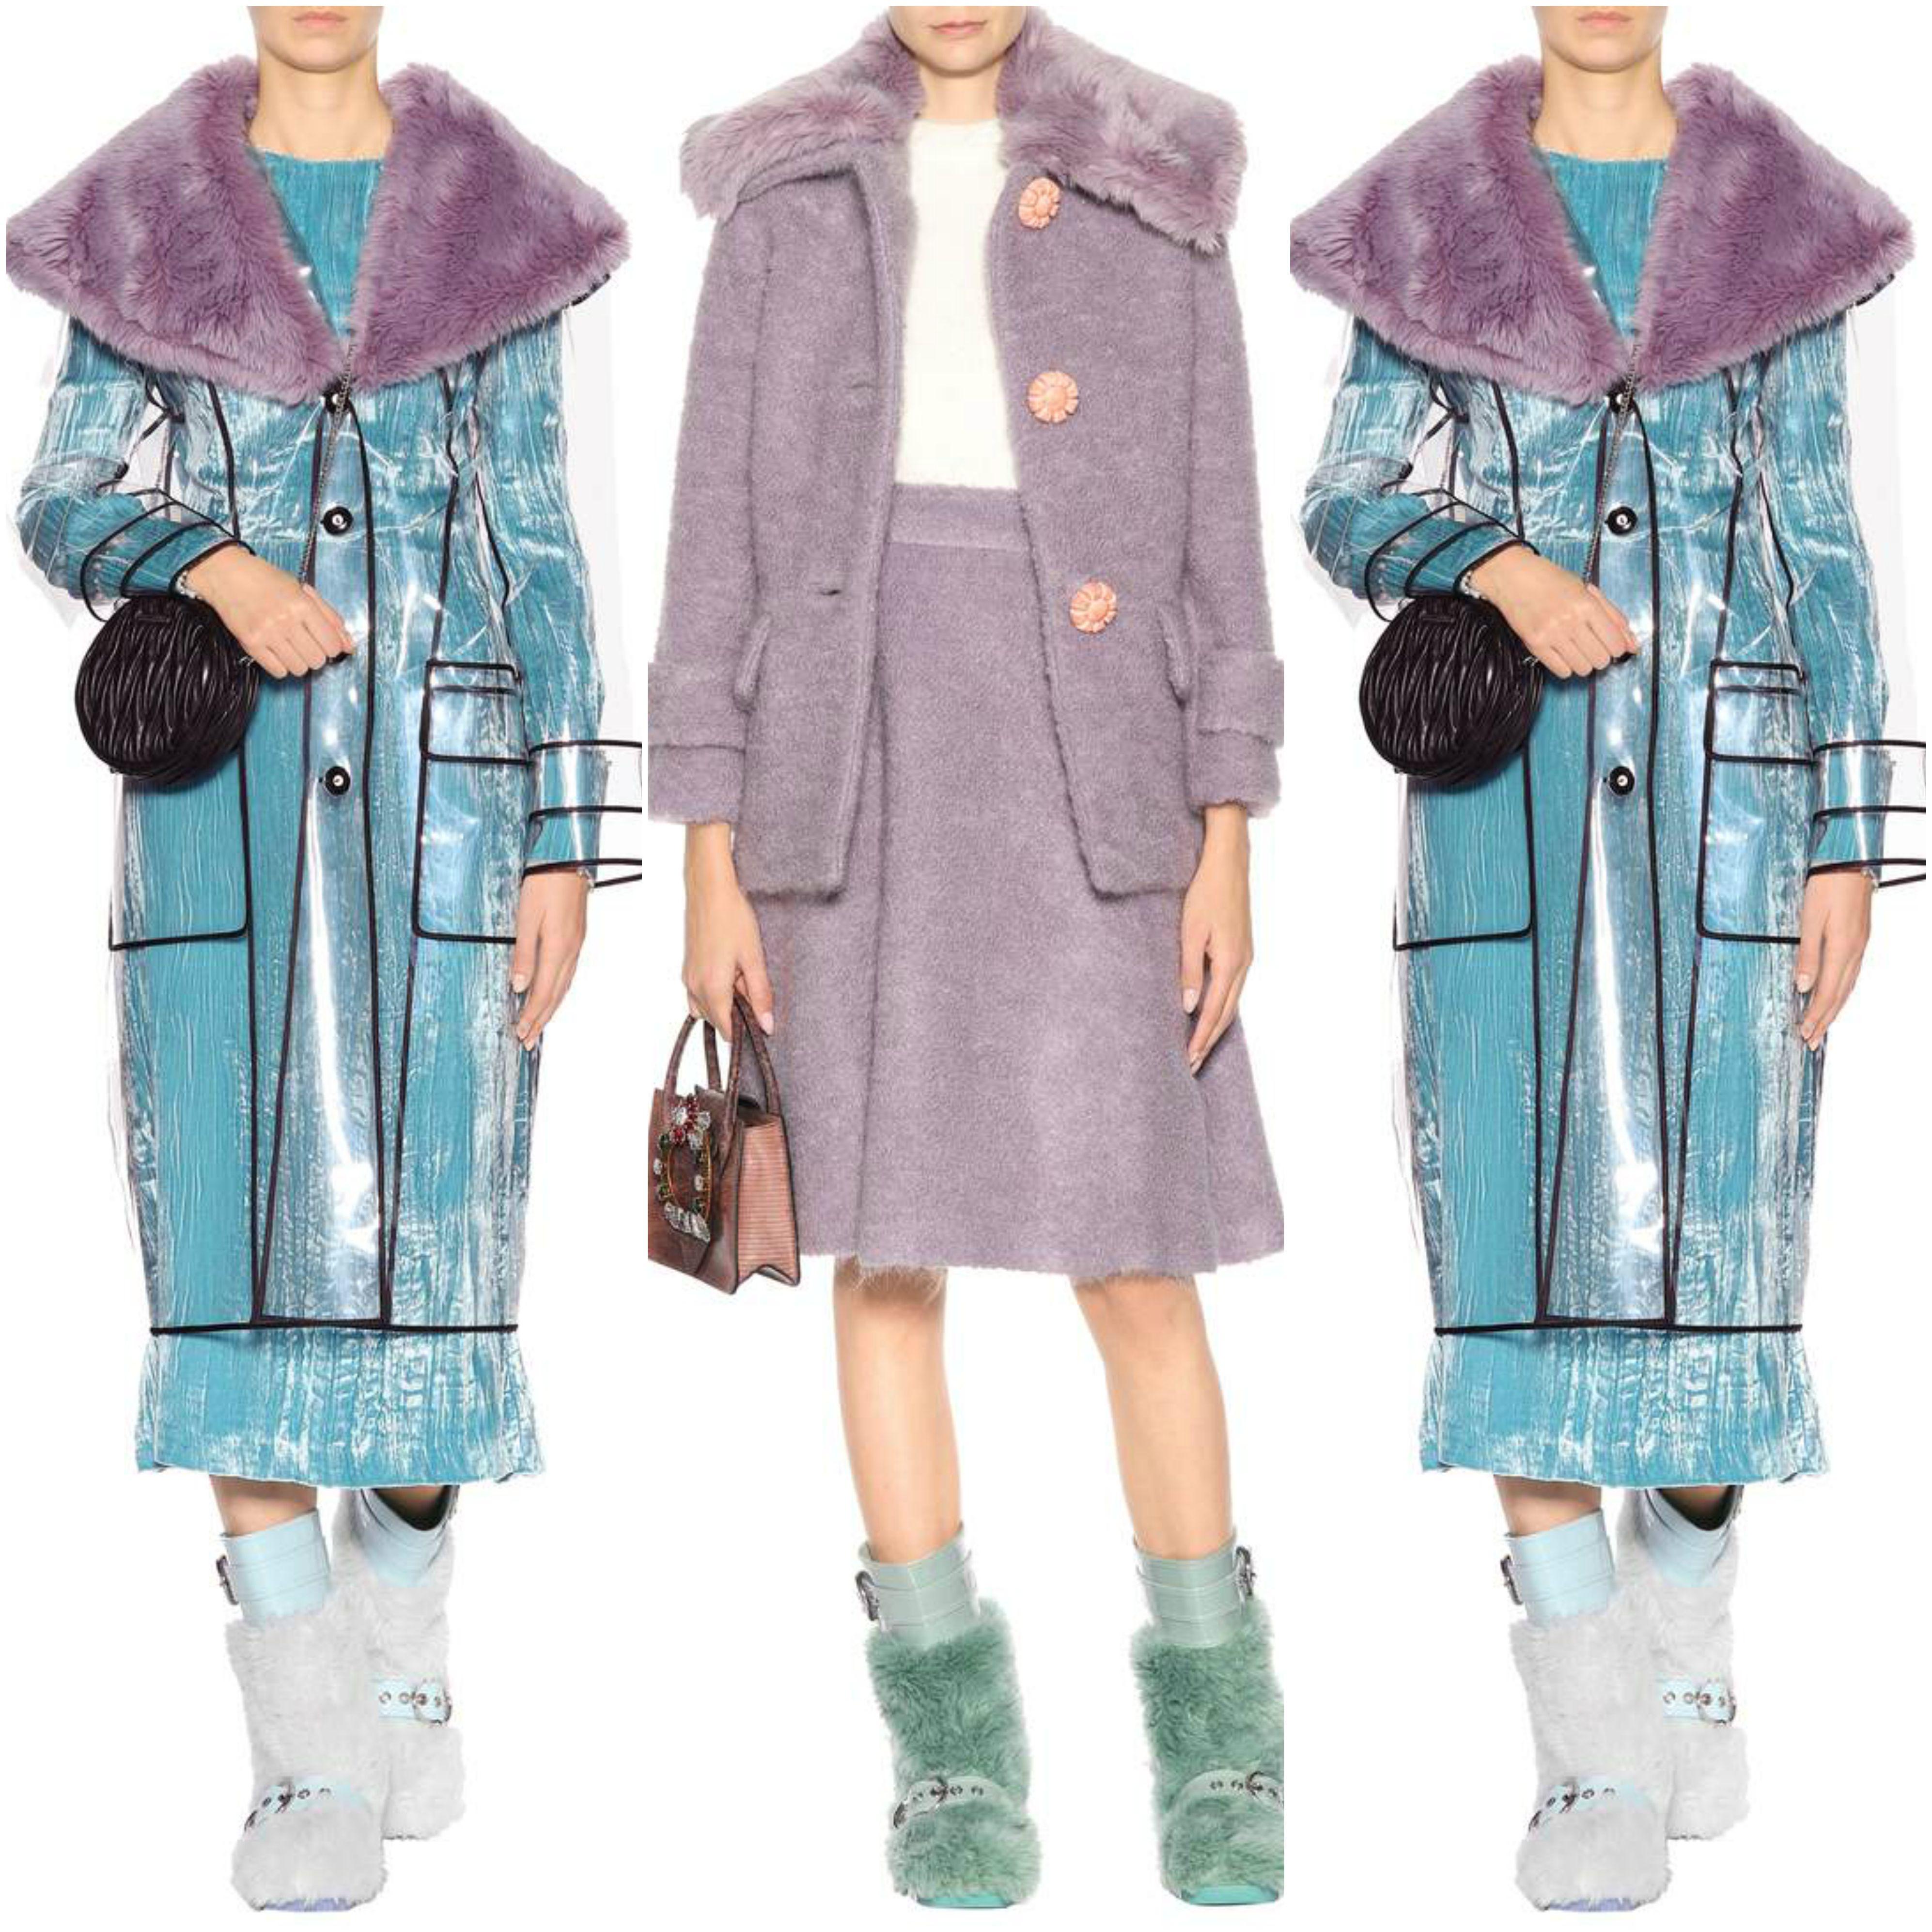 Tko bi ih nosio? Pogledajte najčudnije čizme ove sezone, i izgled i cijena su nas šokirali!